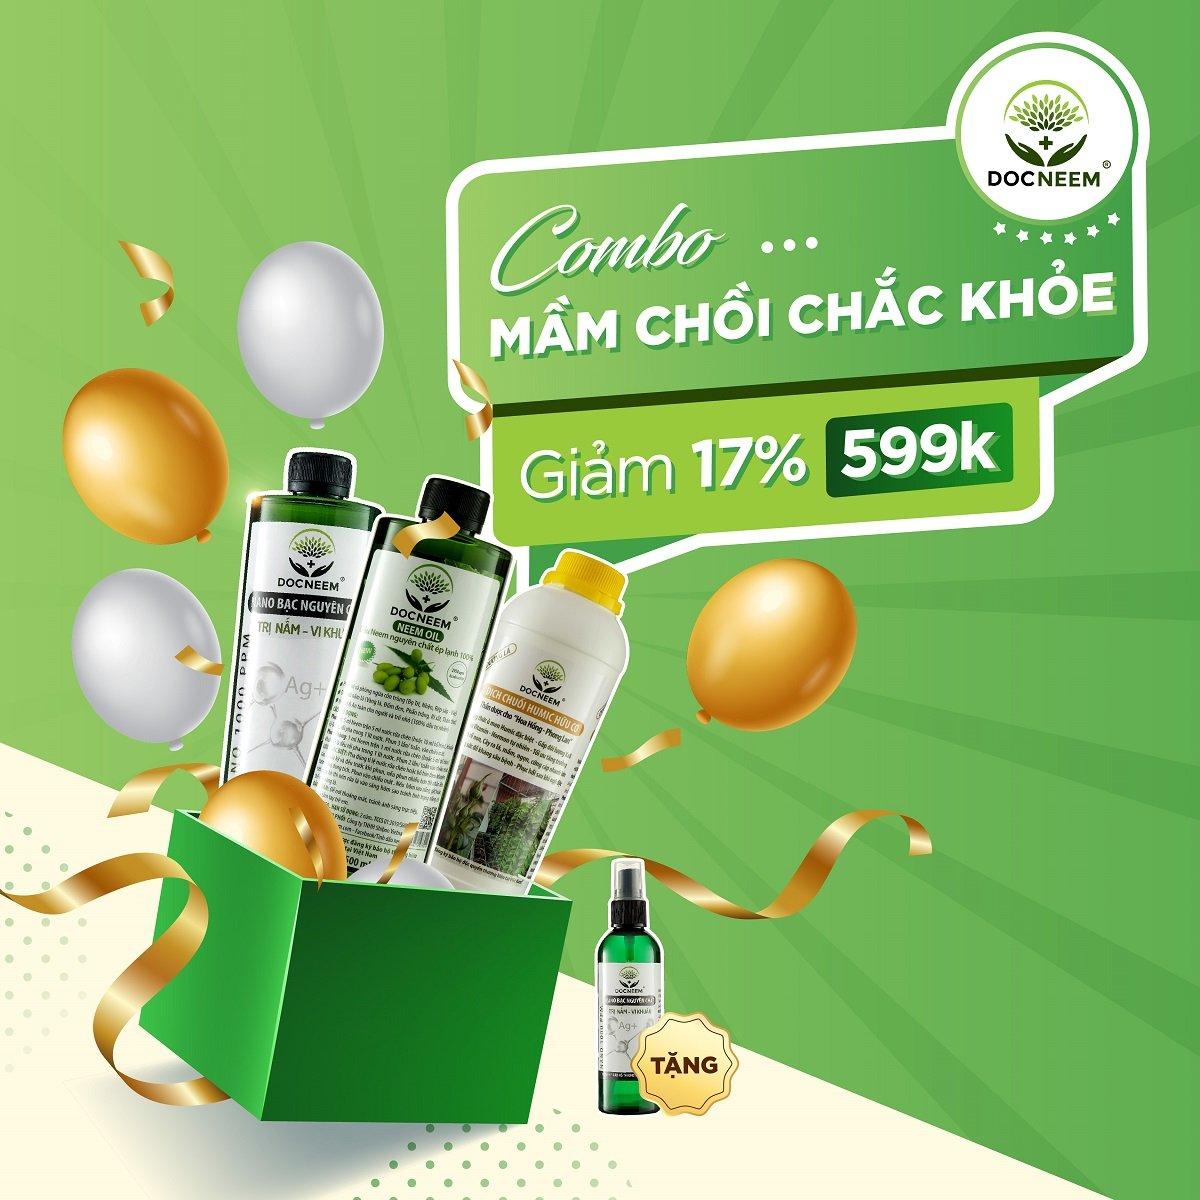 Combo3-mam-choi-chac-khoe-nano-bac-neem-oil-dich-chuoi-docneem-599k